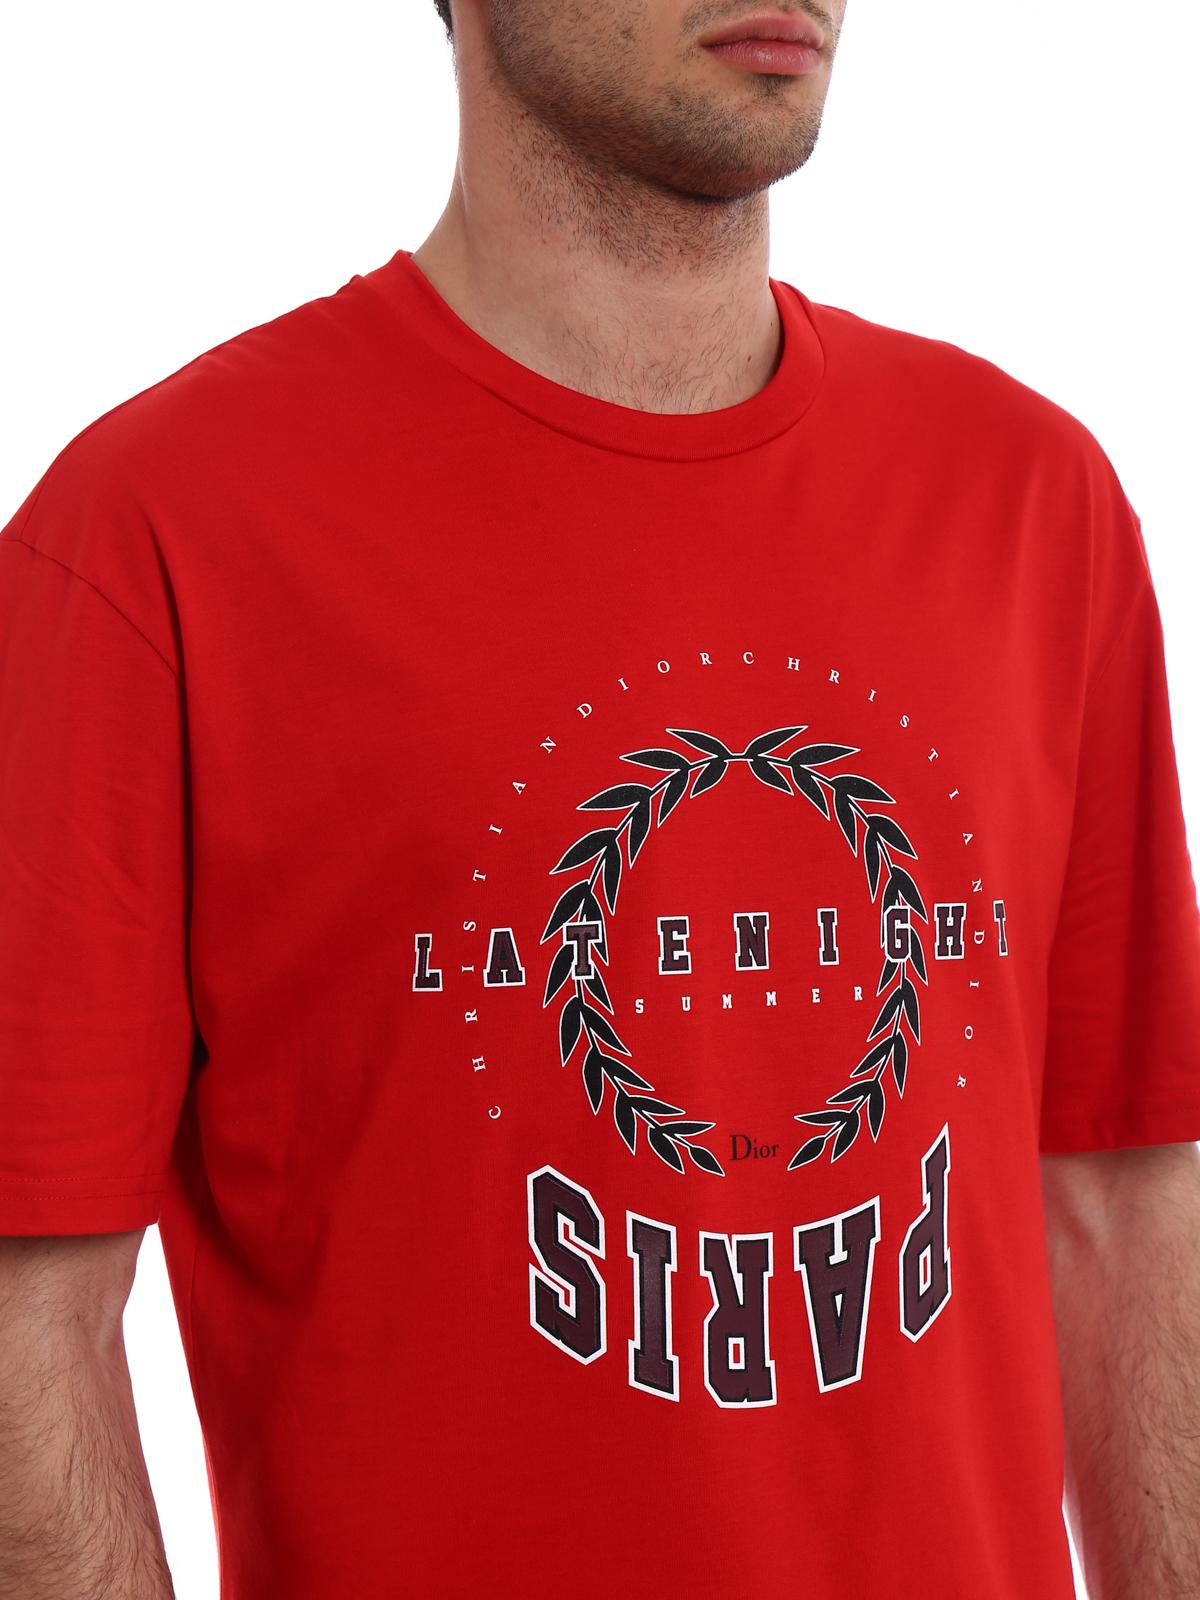 dior - t-shirt - rot - t-shirts - 863j621i4612312383 | ikrix